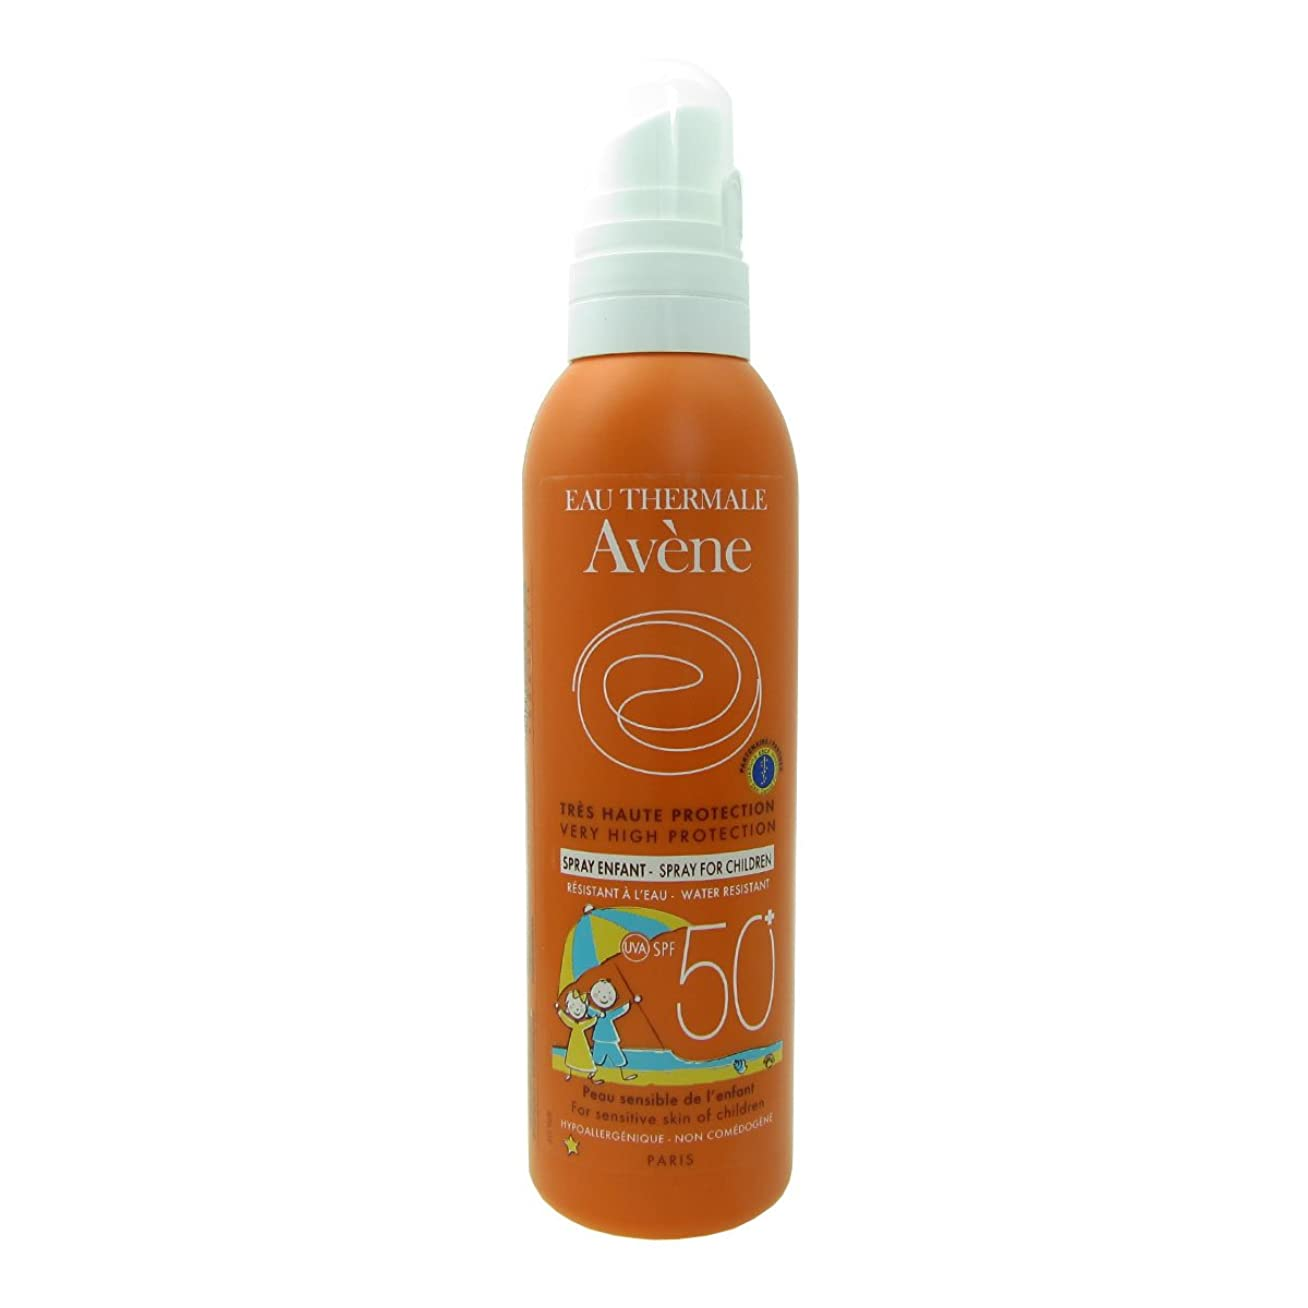 イノセンス維持の量Avene Sunscreen Spray Kids 50+ 200ml [並行輸入品]